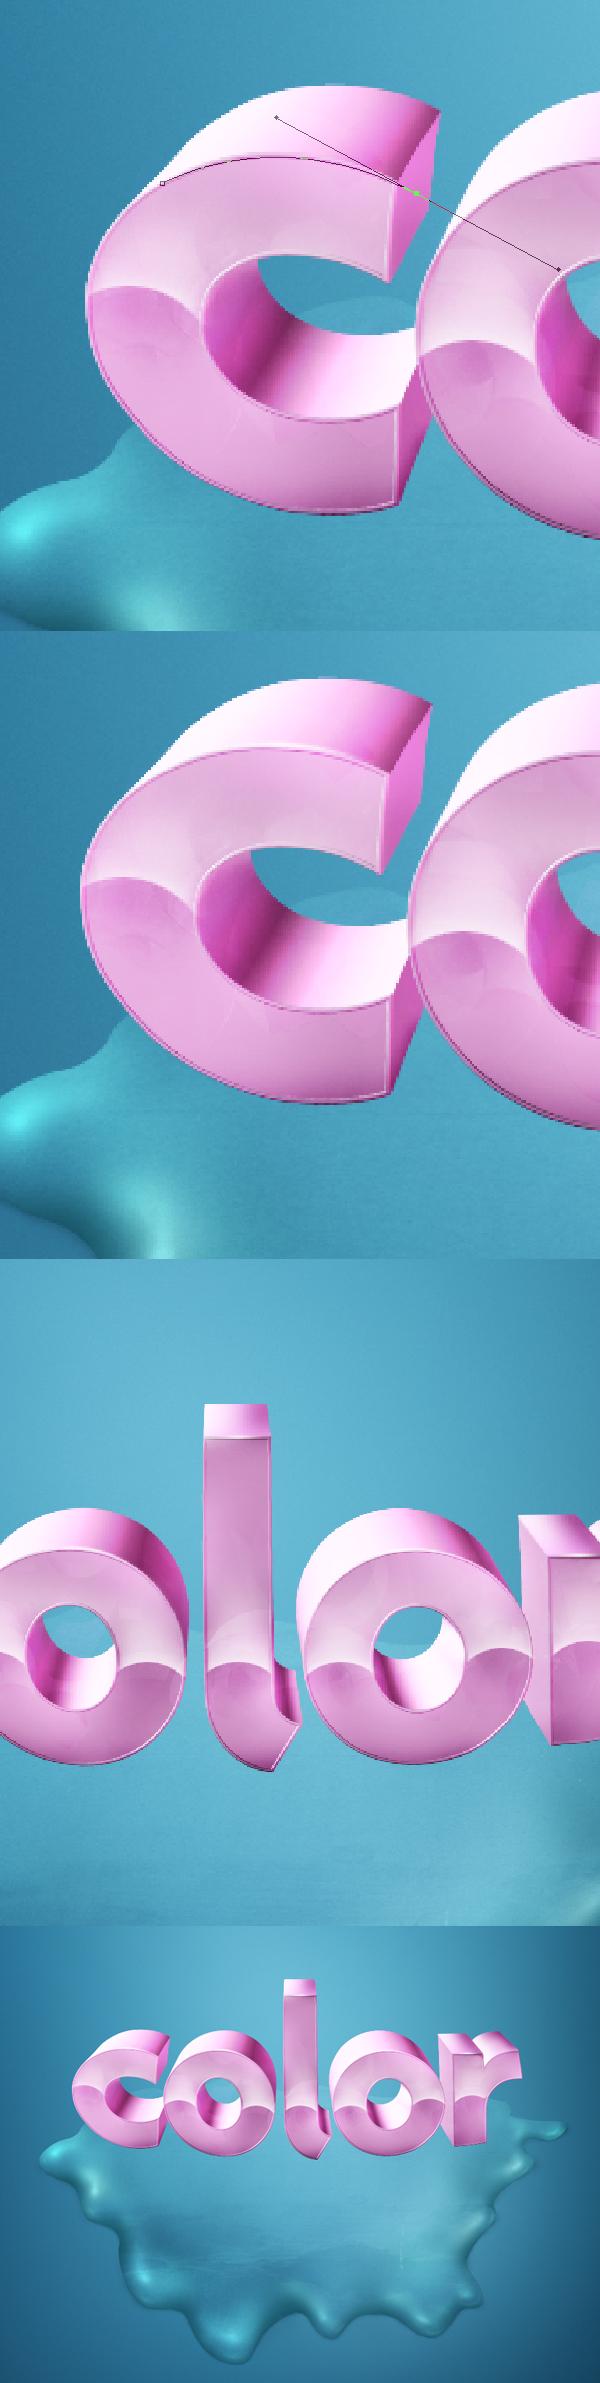 26 Thiết Kế 3D Text với Màu Sắc Ấn Tượng   Phần 1